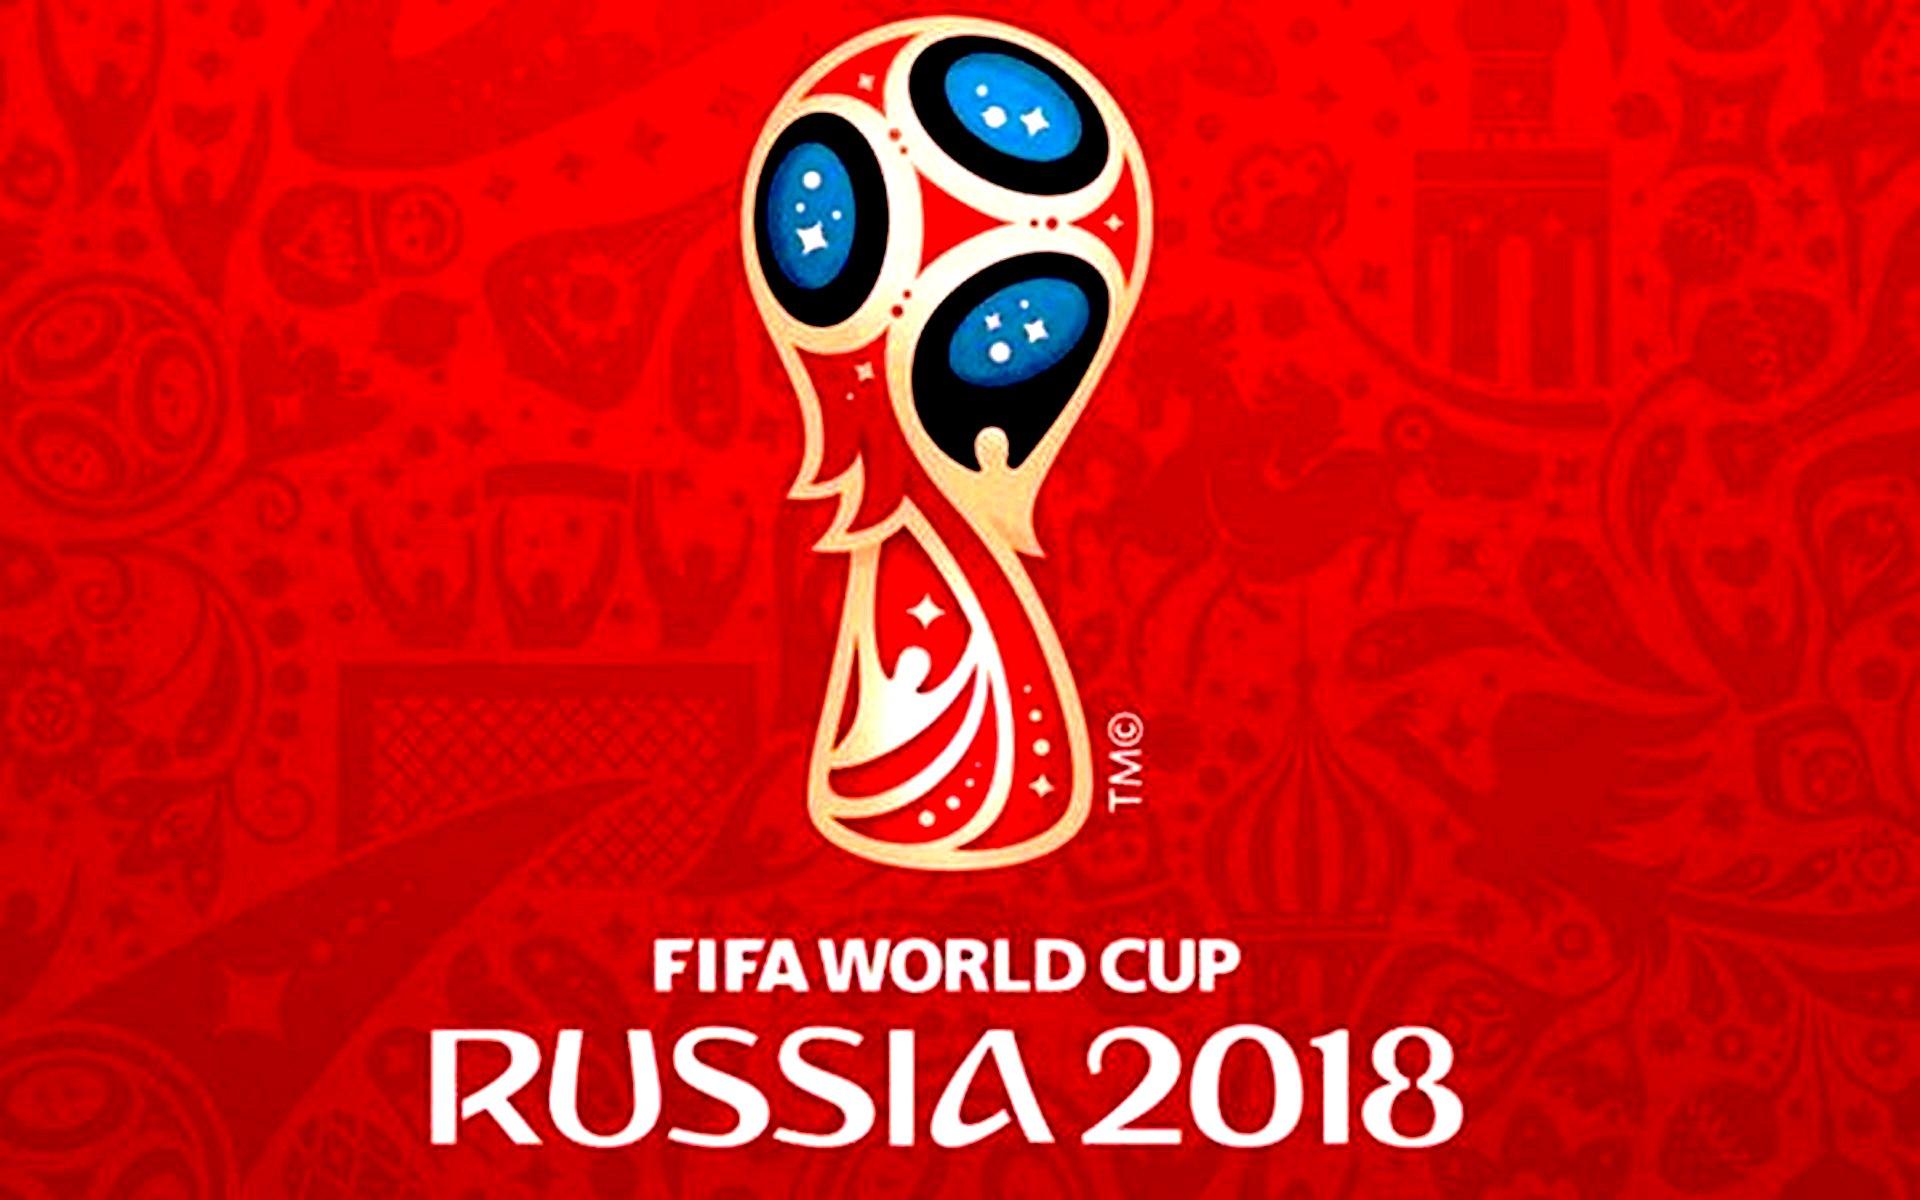 Станция конечная #5 Сборная России по футболу. - Изображение 1